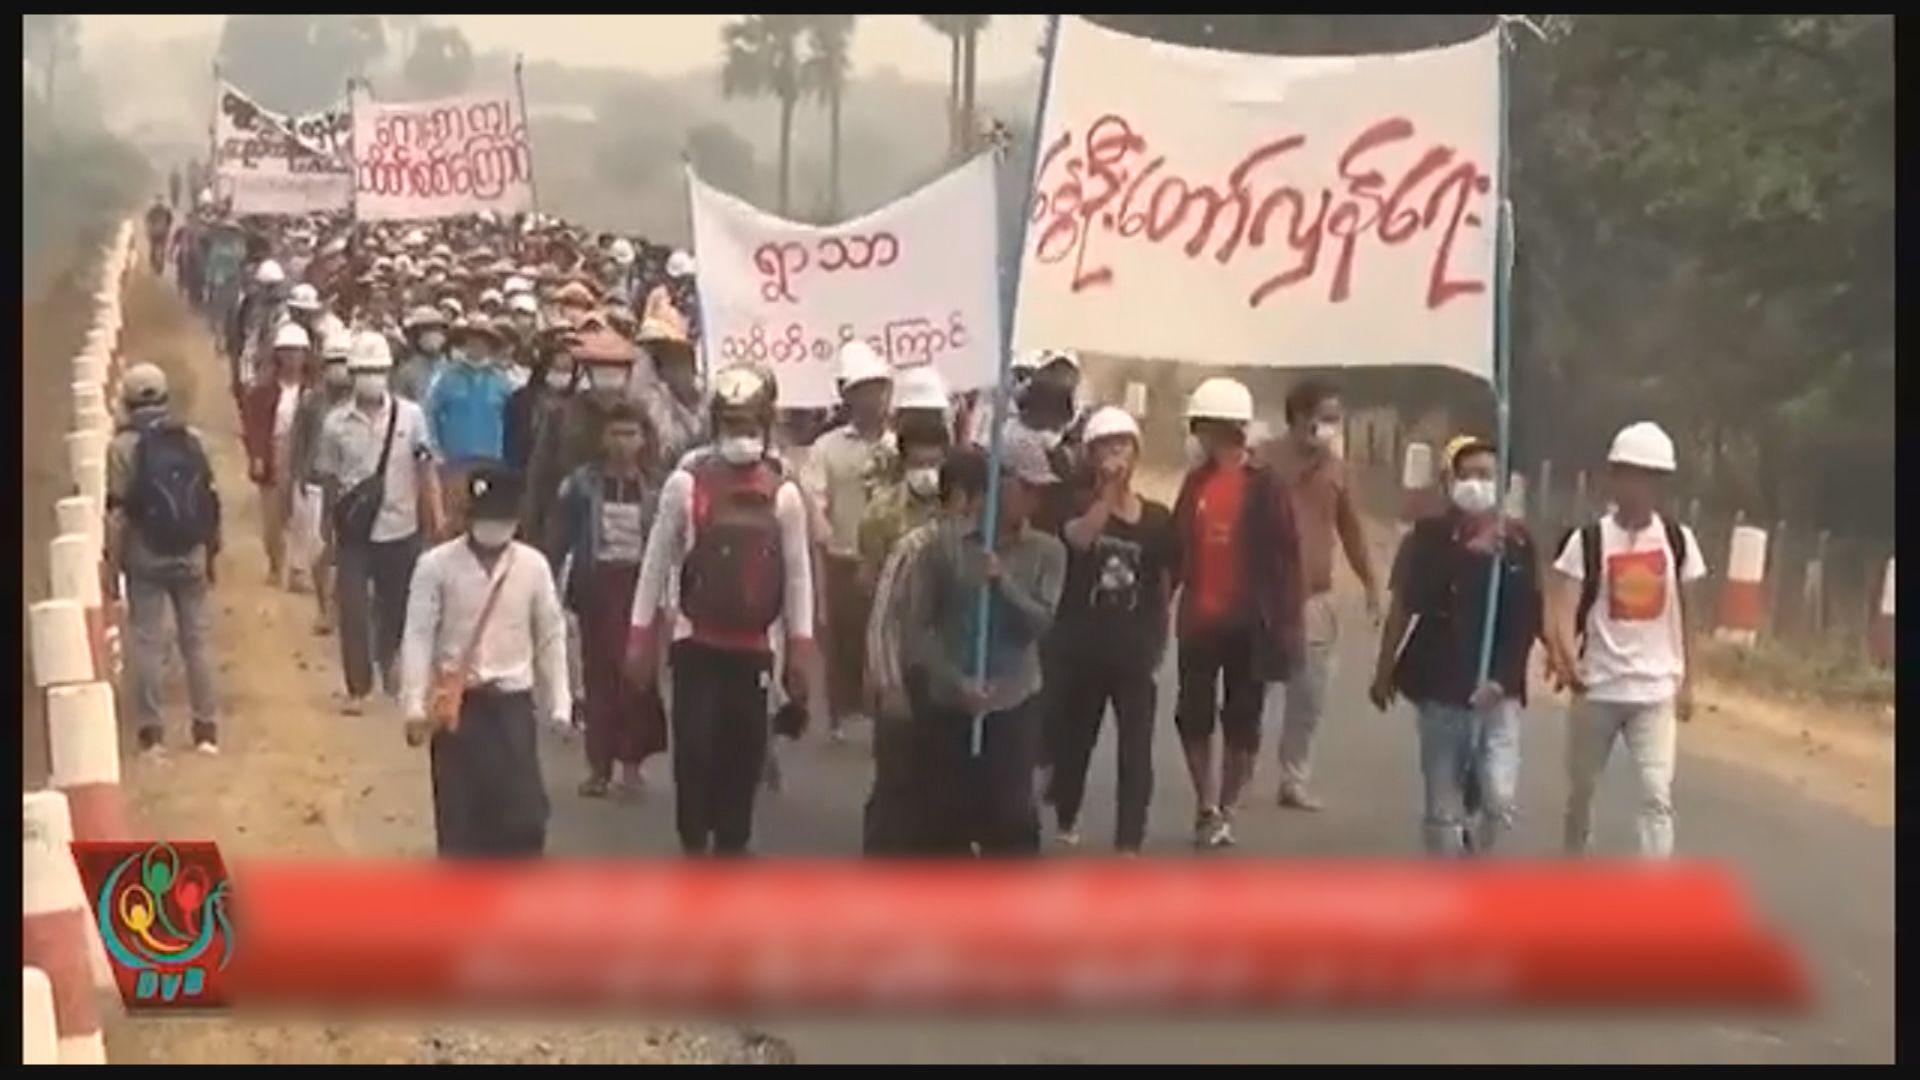 緬甸民眾無懼軍隊鎮壓 續上街示威抗議軍事政變